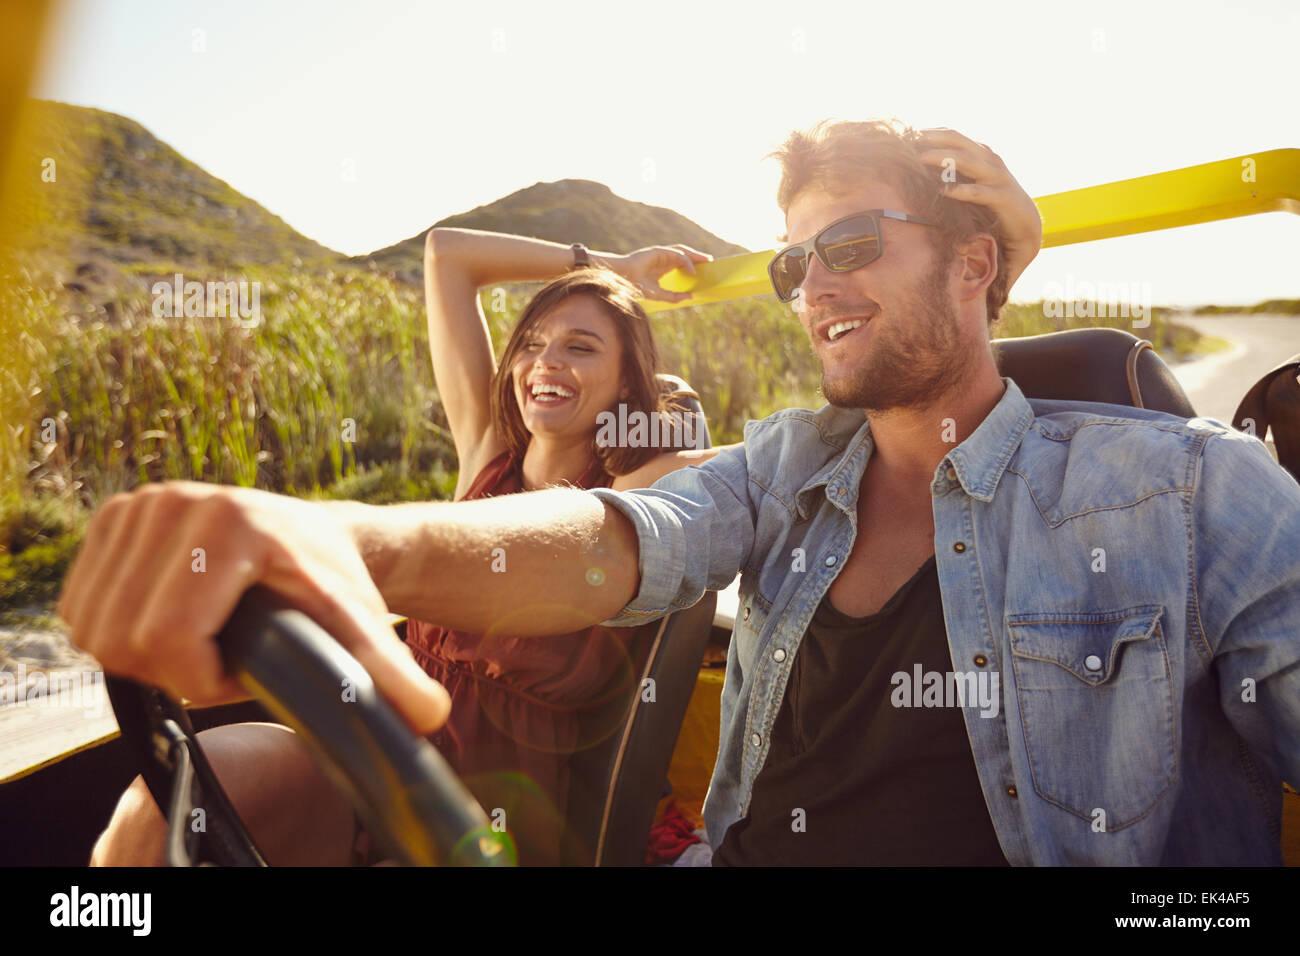 Cheerful young couple on road trip. Jeune homme ouvert conduite voiture avec tête de femme souriante. Photo Stock